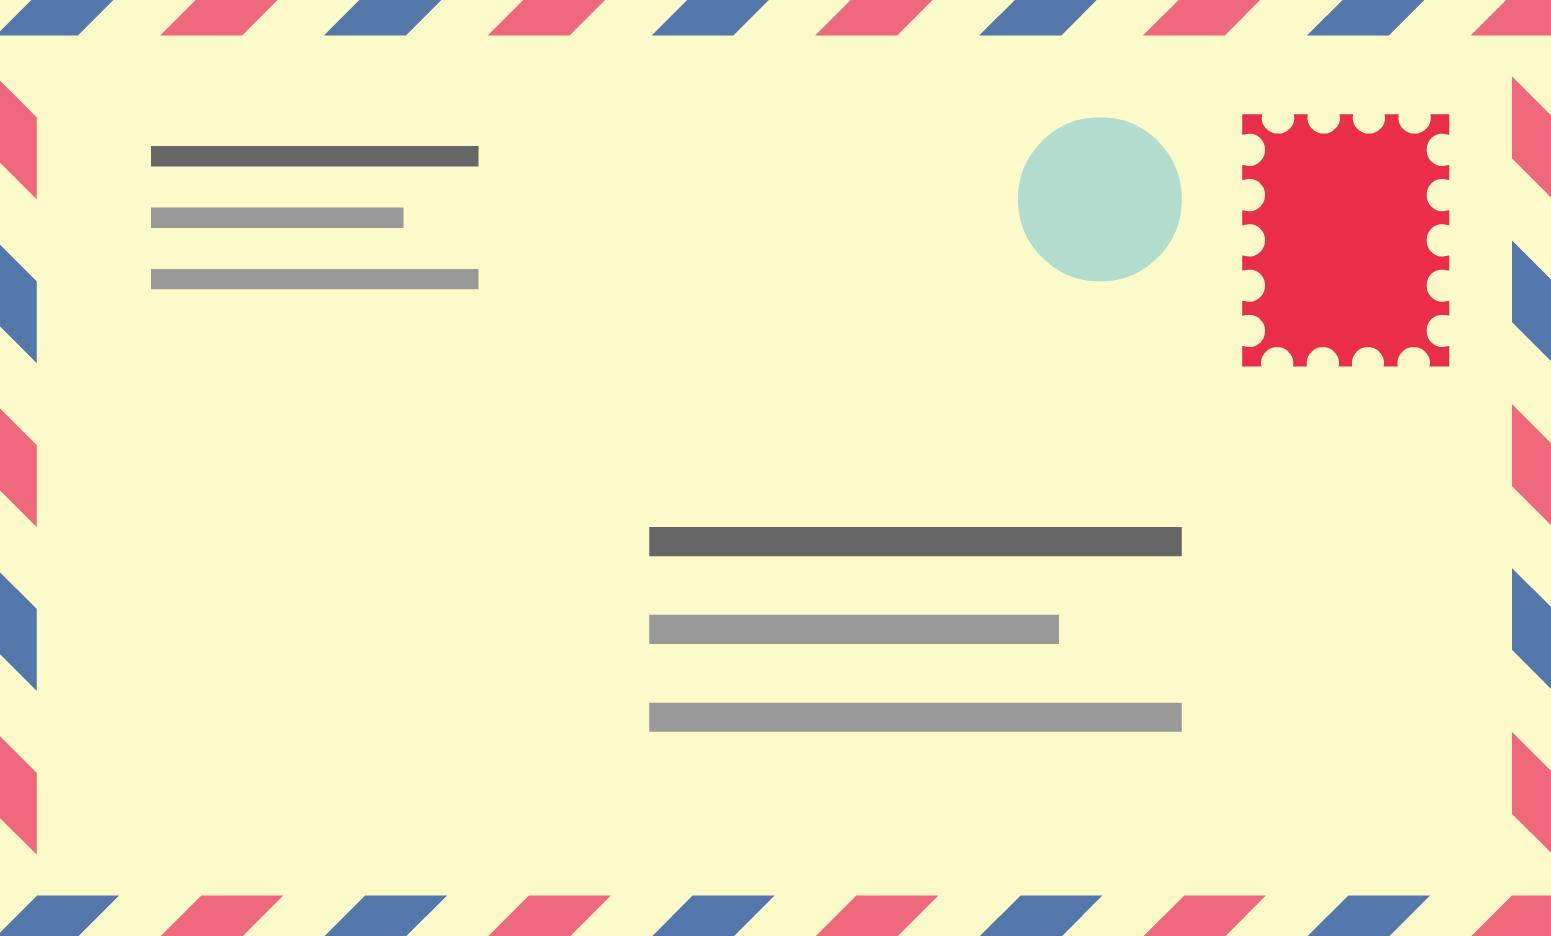 contoh surat penawaran barang makalah sekolah